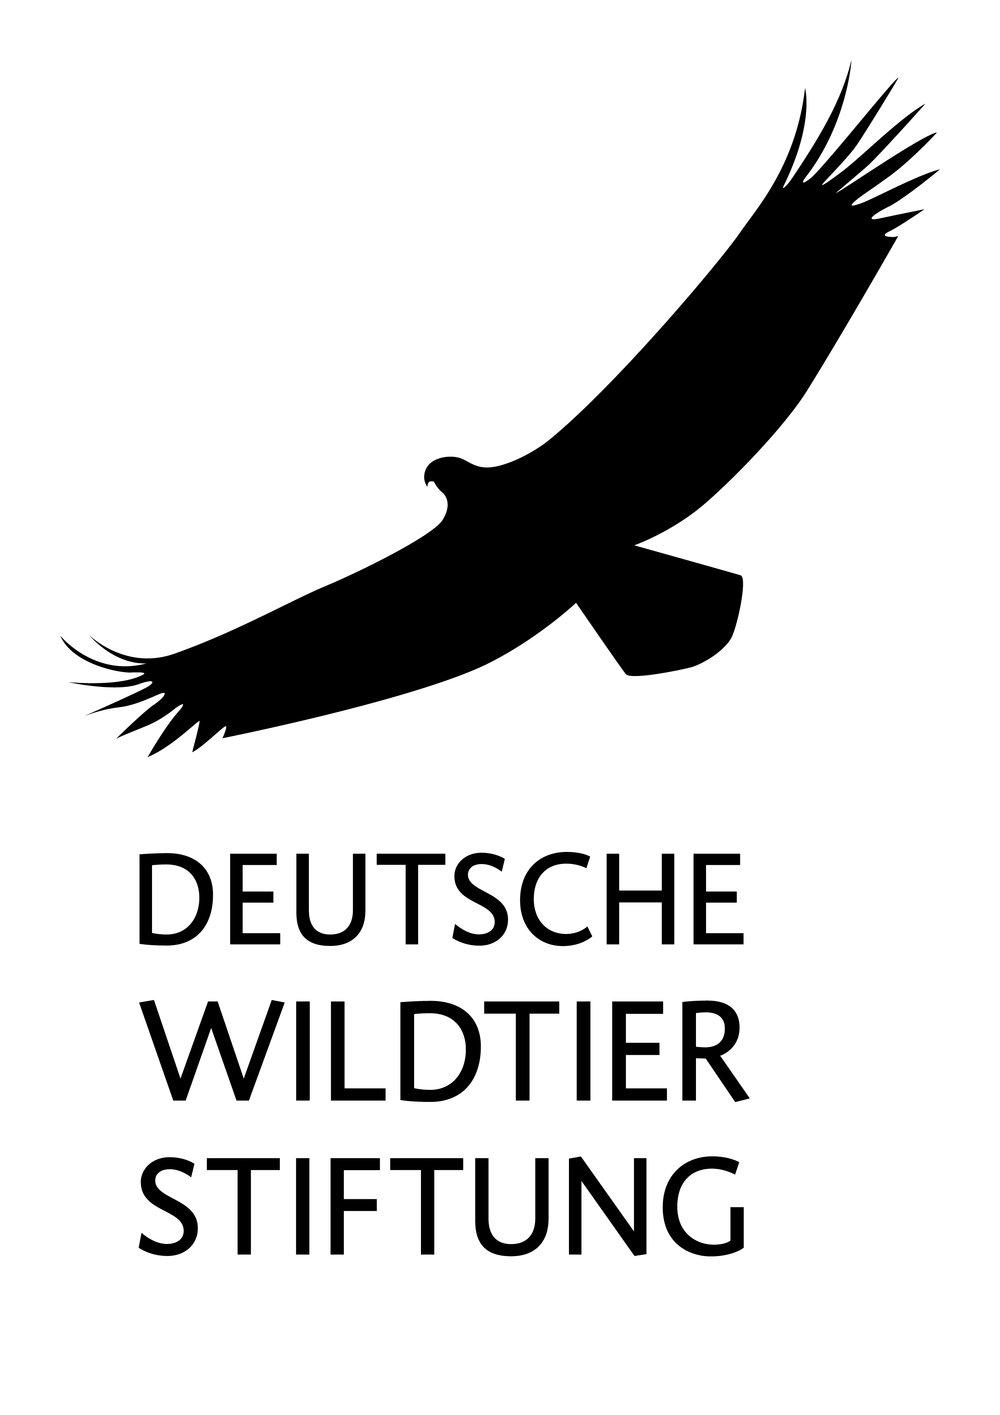 Deutsche Wildtier Stiftung